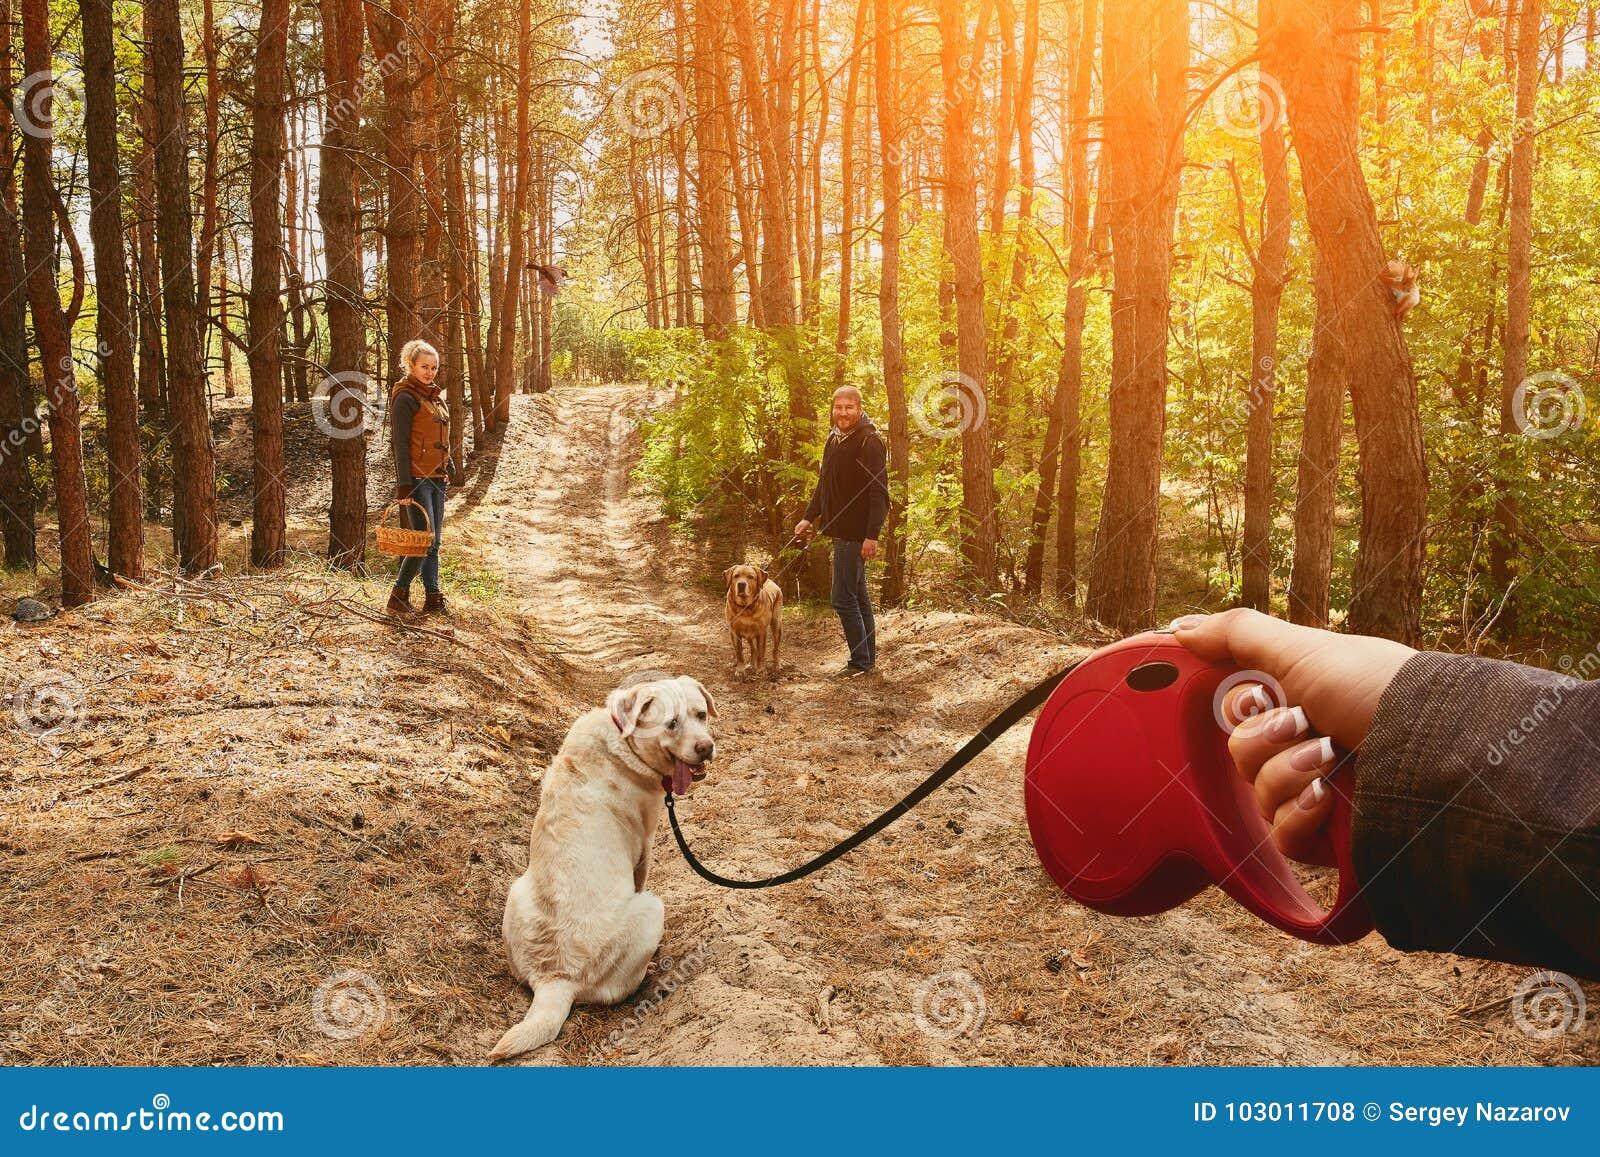 Το κορίτσι σε ένα λουρί οδηγεί ένα σκυλί του Λαμπραντόρ, το οποίο γυρίζει γύρω και εξετάζει τη κάμερα